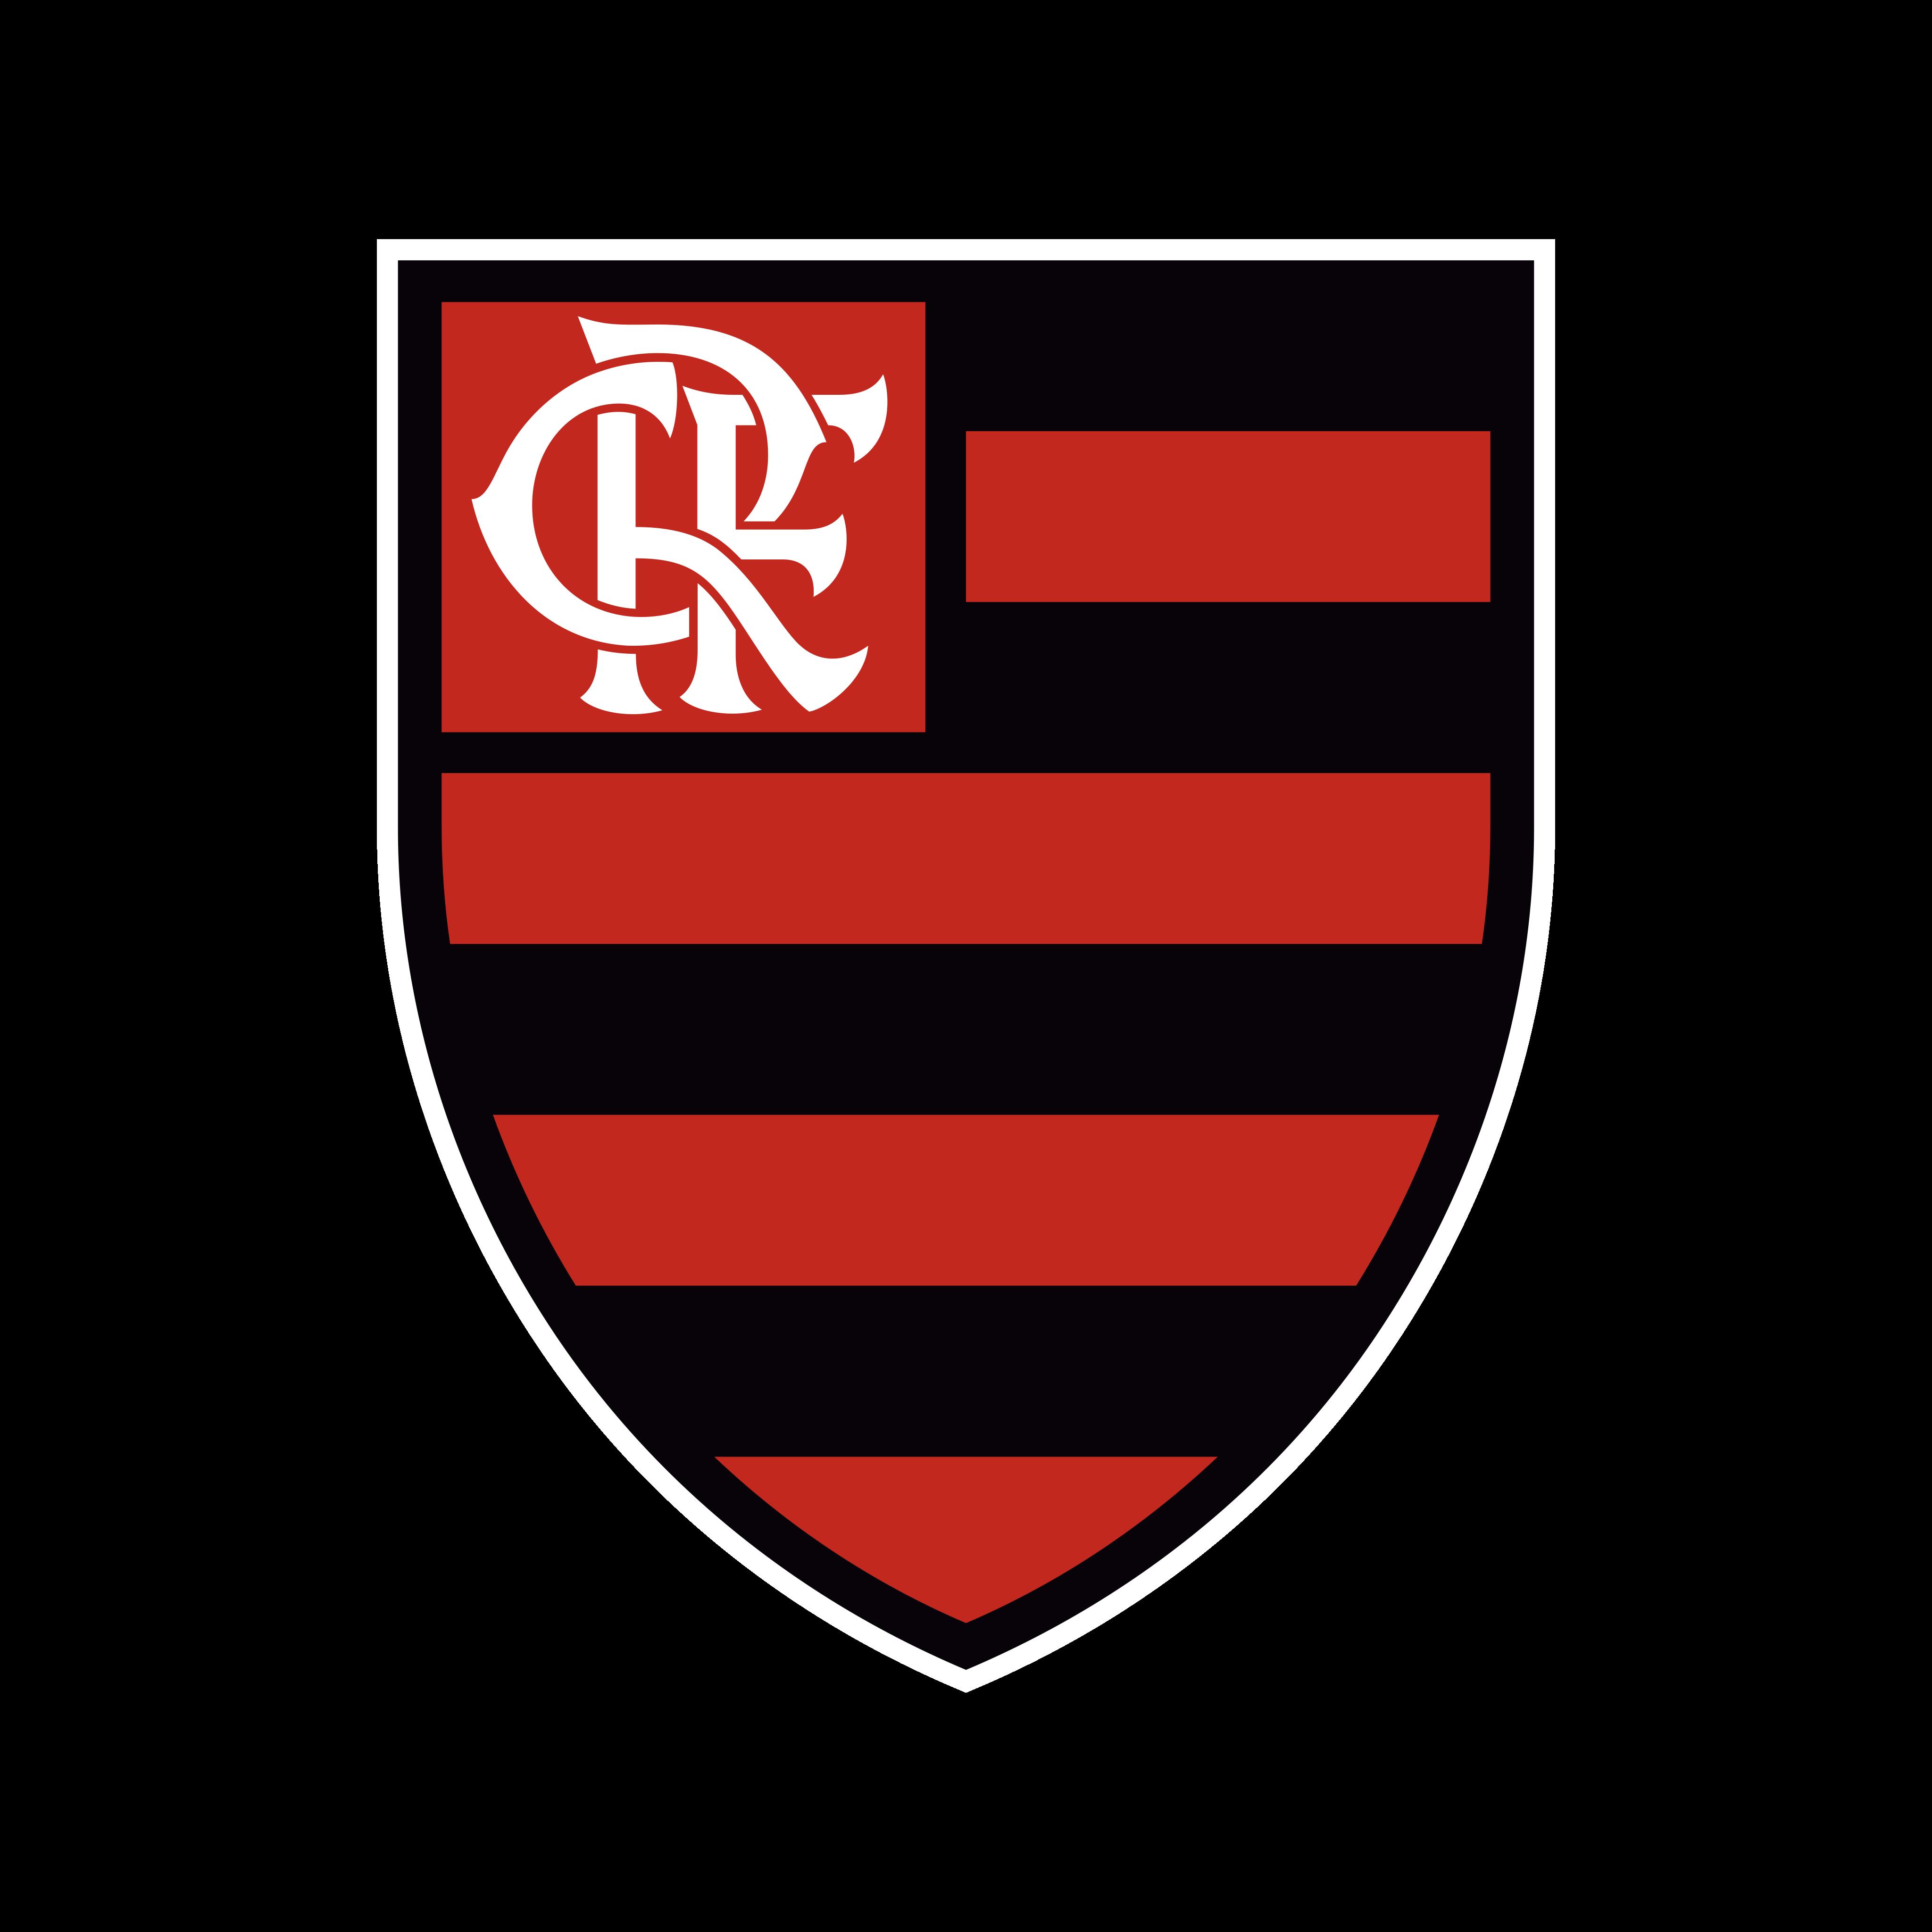 flamengo logo 0 - Flamengo Logo - Escudo